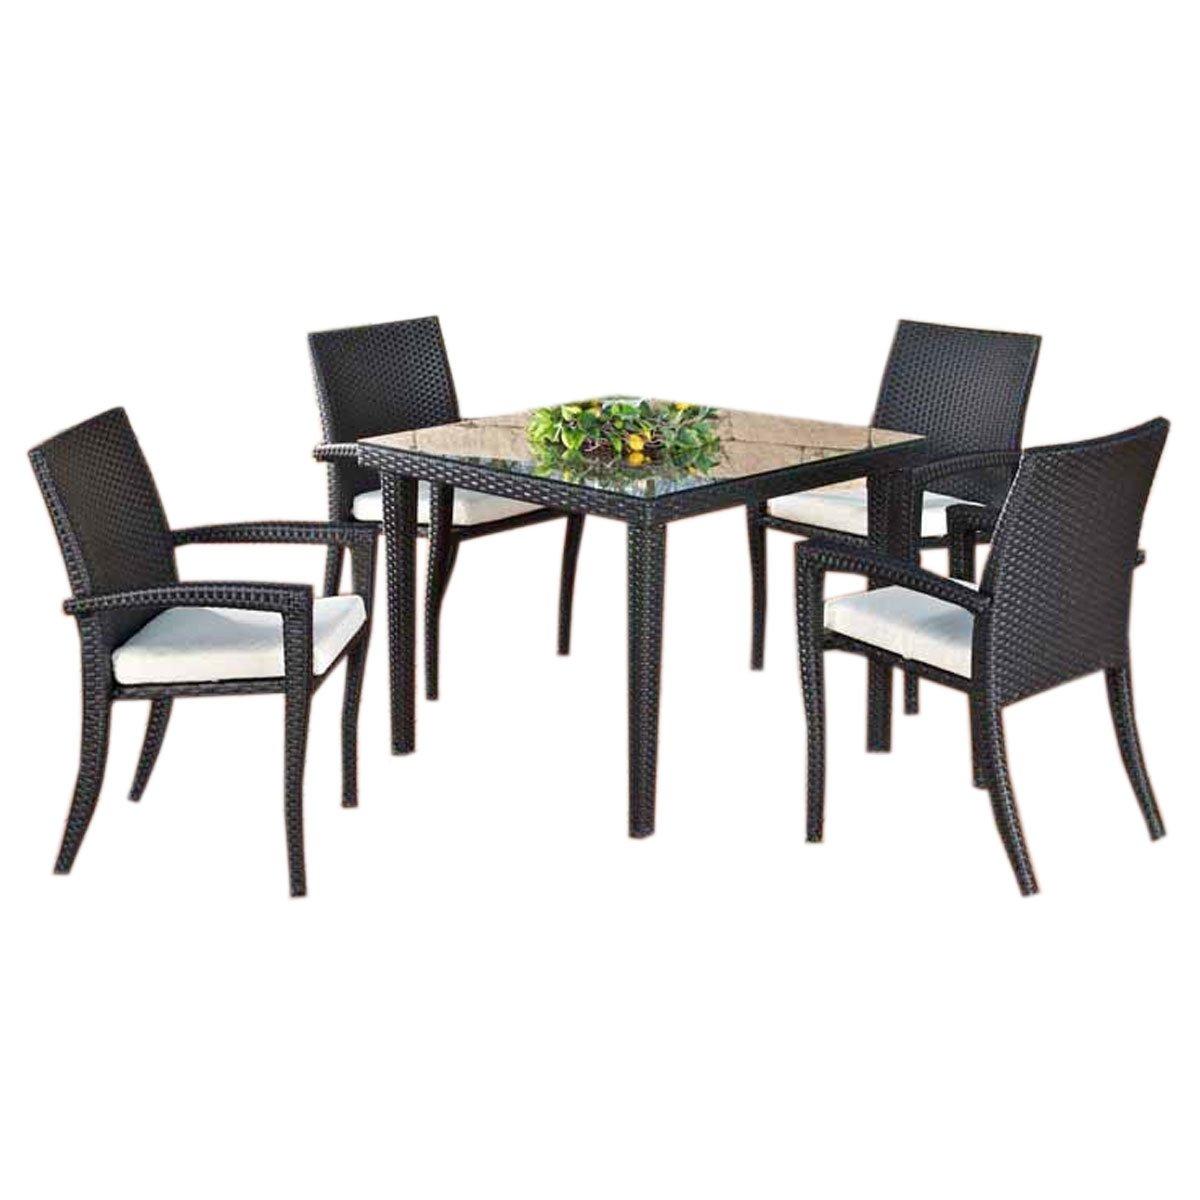 Conjunto de jard n bari mesa 90x90cm 4 sillas negro for Muebles de jardin mesas